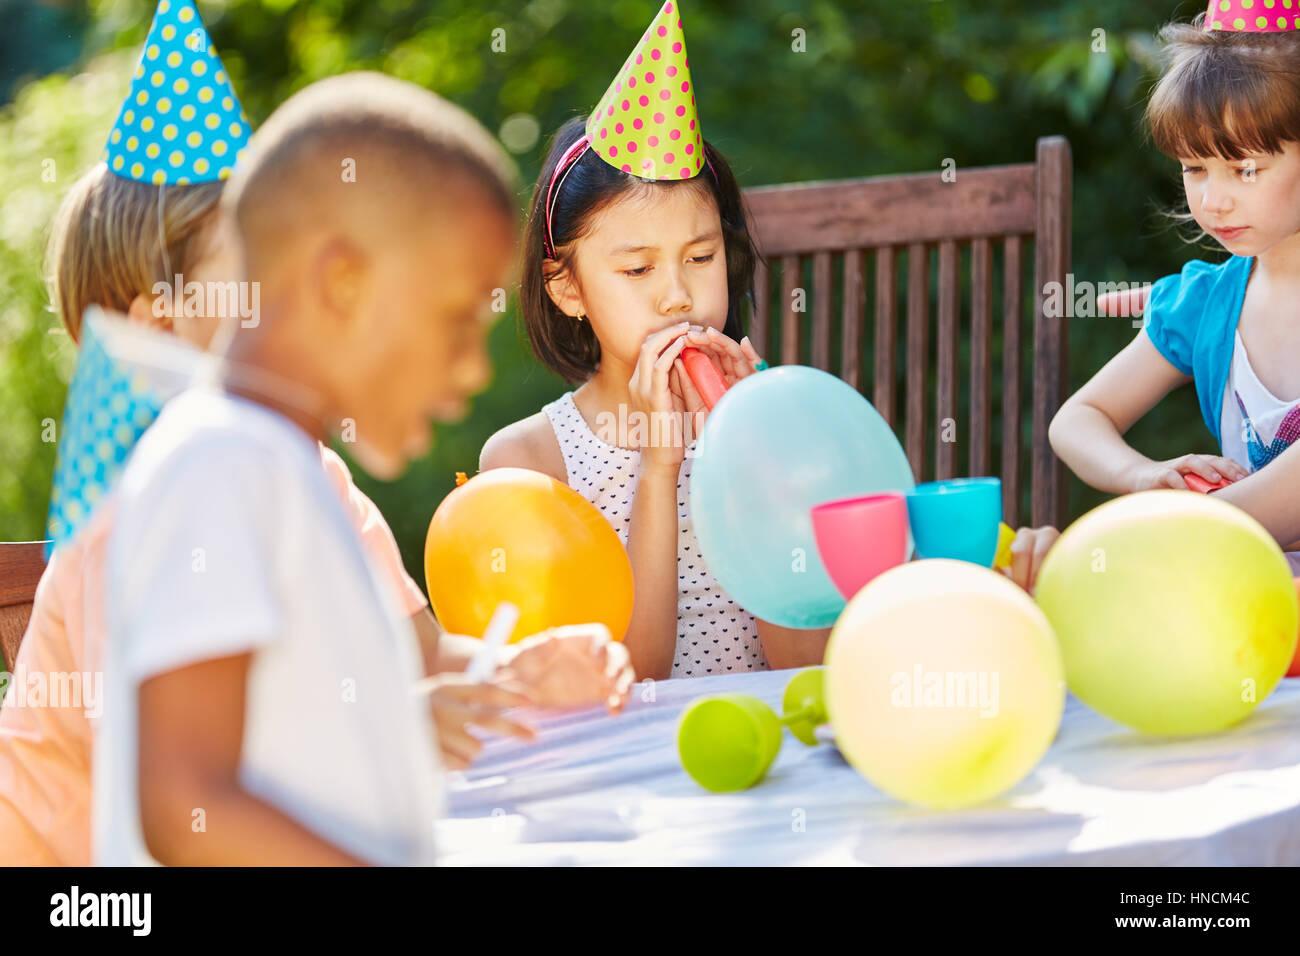 Kinder feiern mit bunten Luftballons und Hüte auf Geburtstagsparty im Garten Stockbild